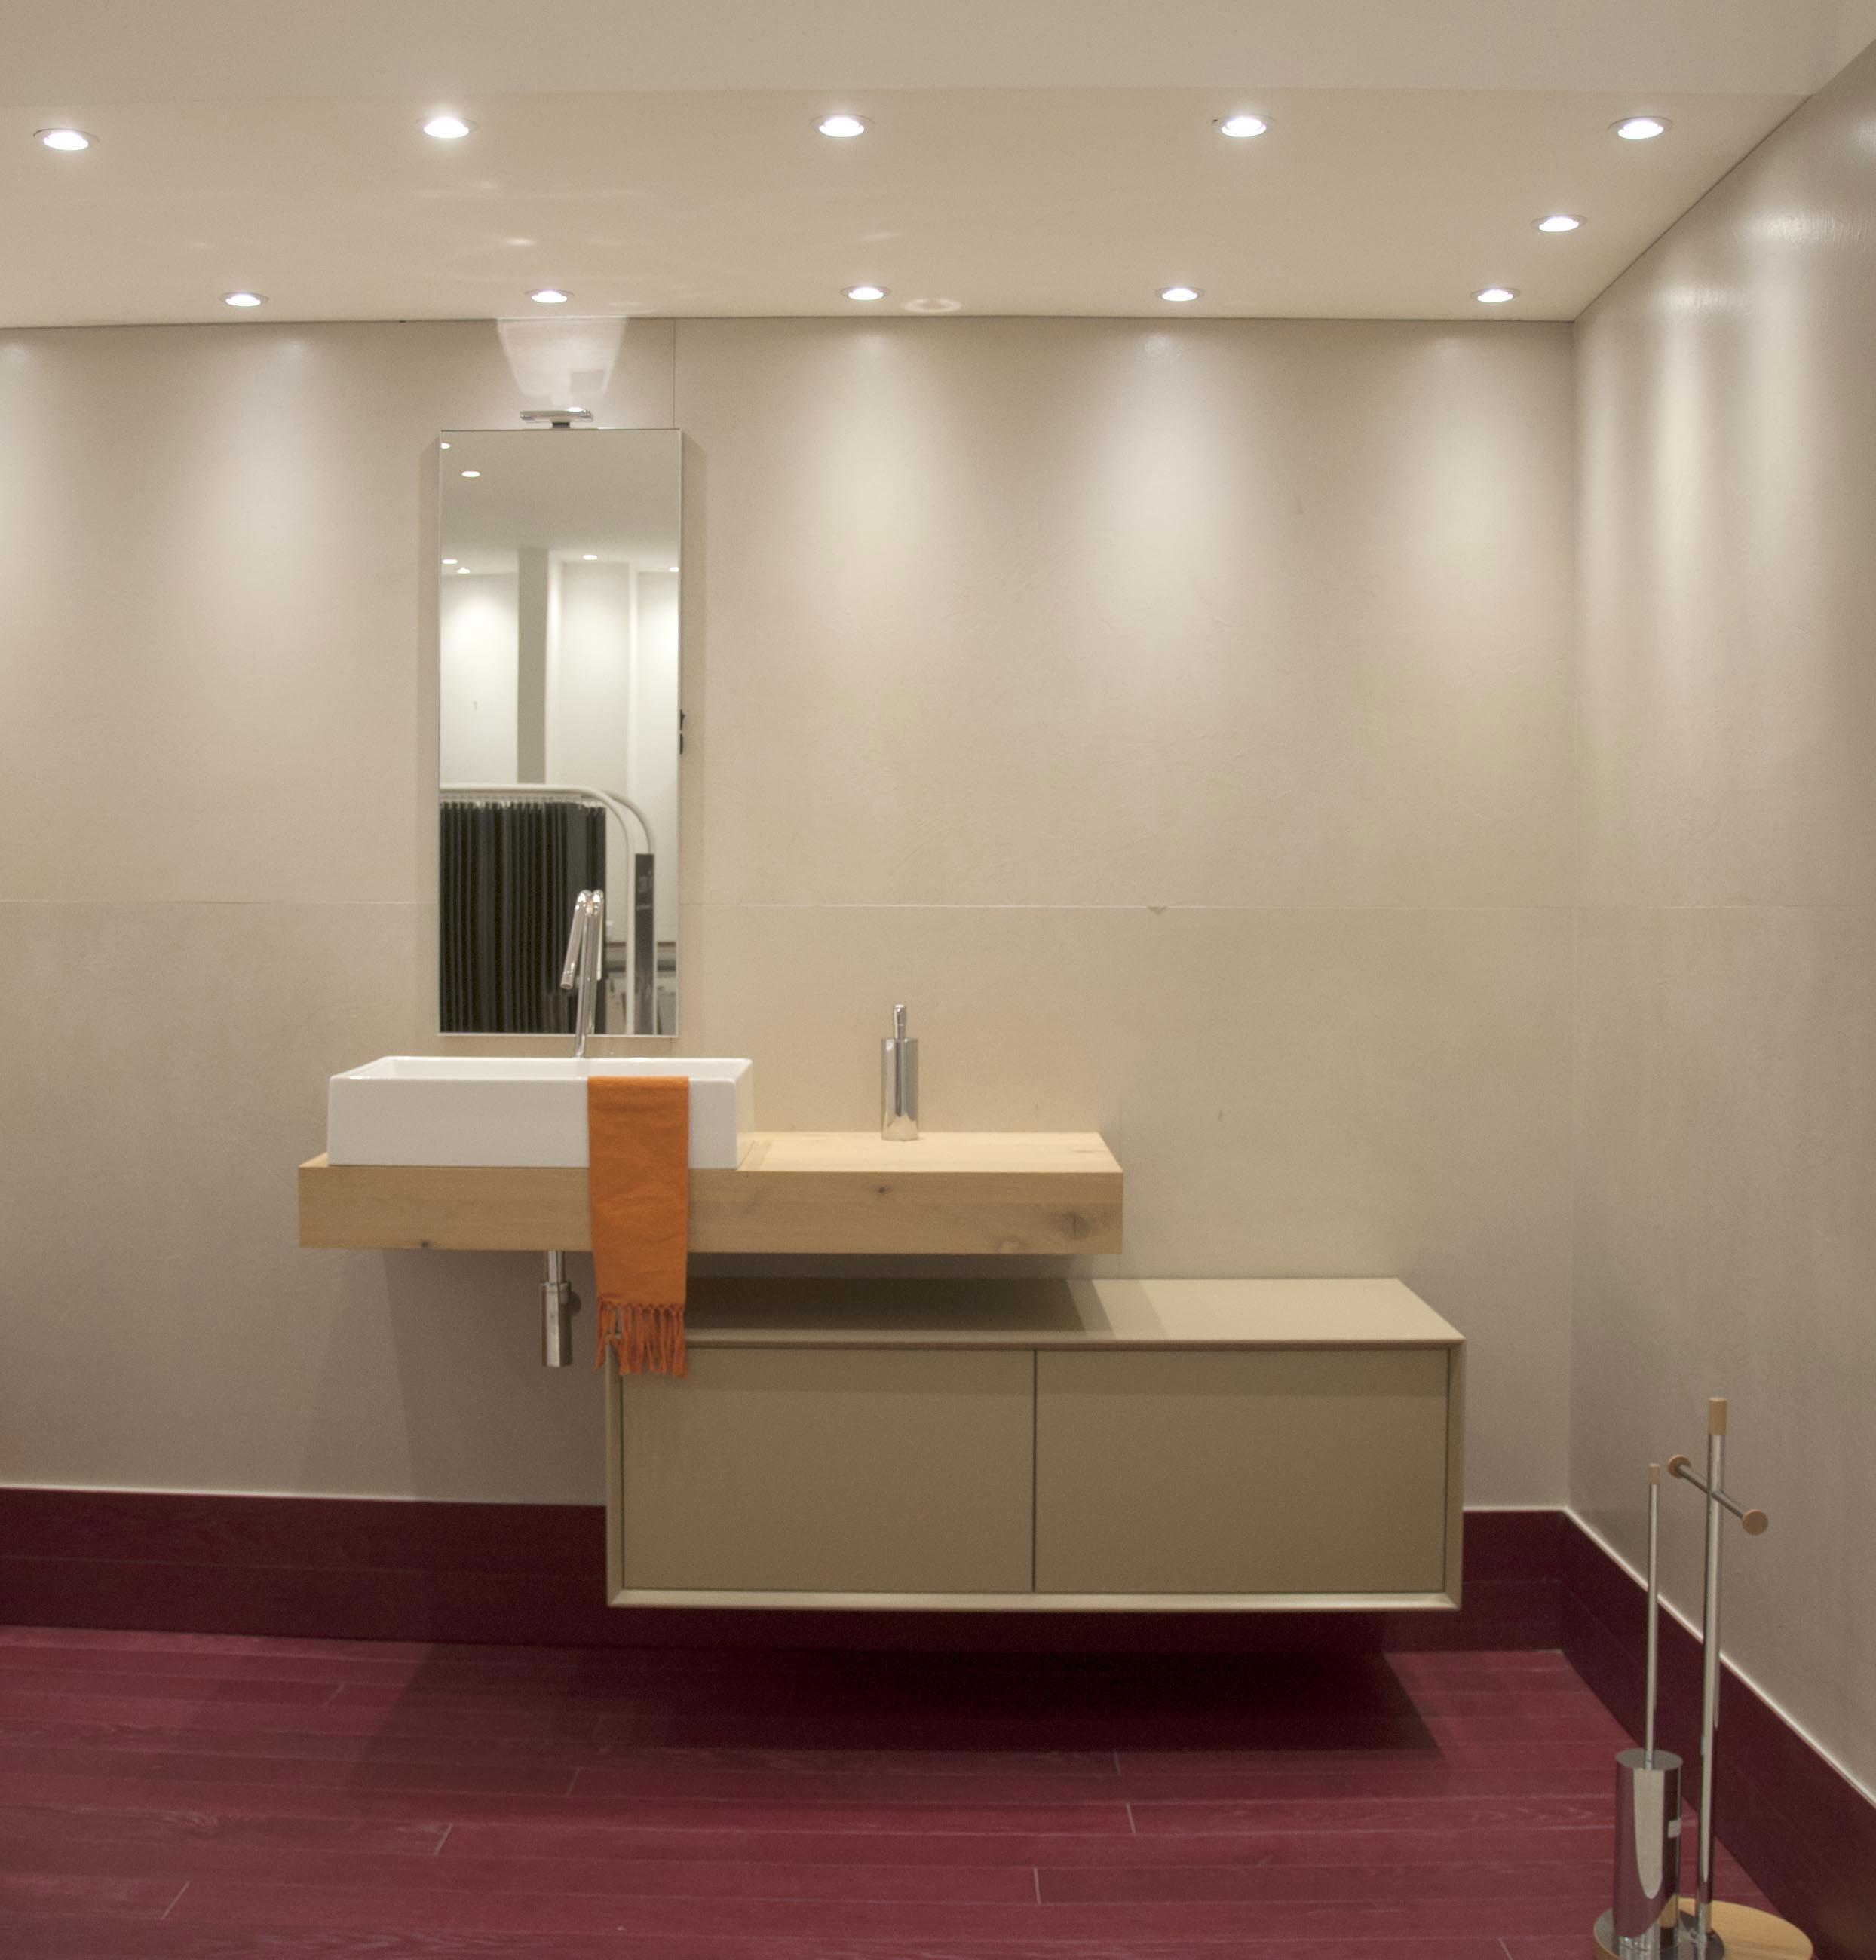 Arredo bagno roma mobili bagno roma outlet arredo bagno roma design casa creativa e mobili - Arredo bagno economico roma ...